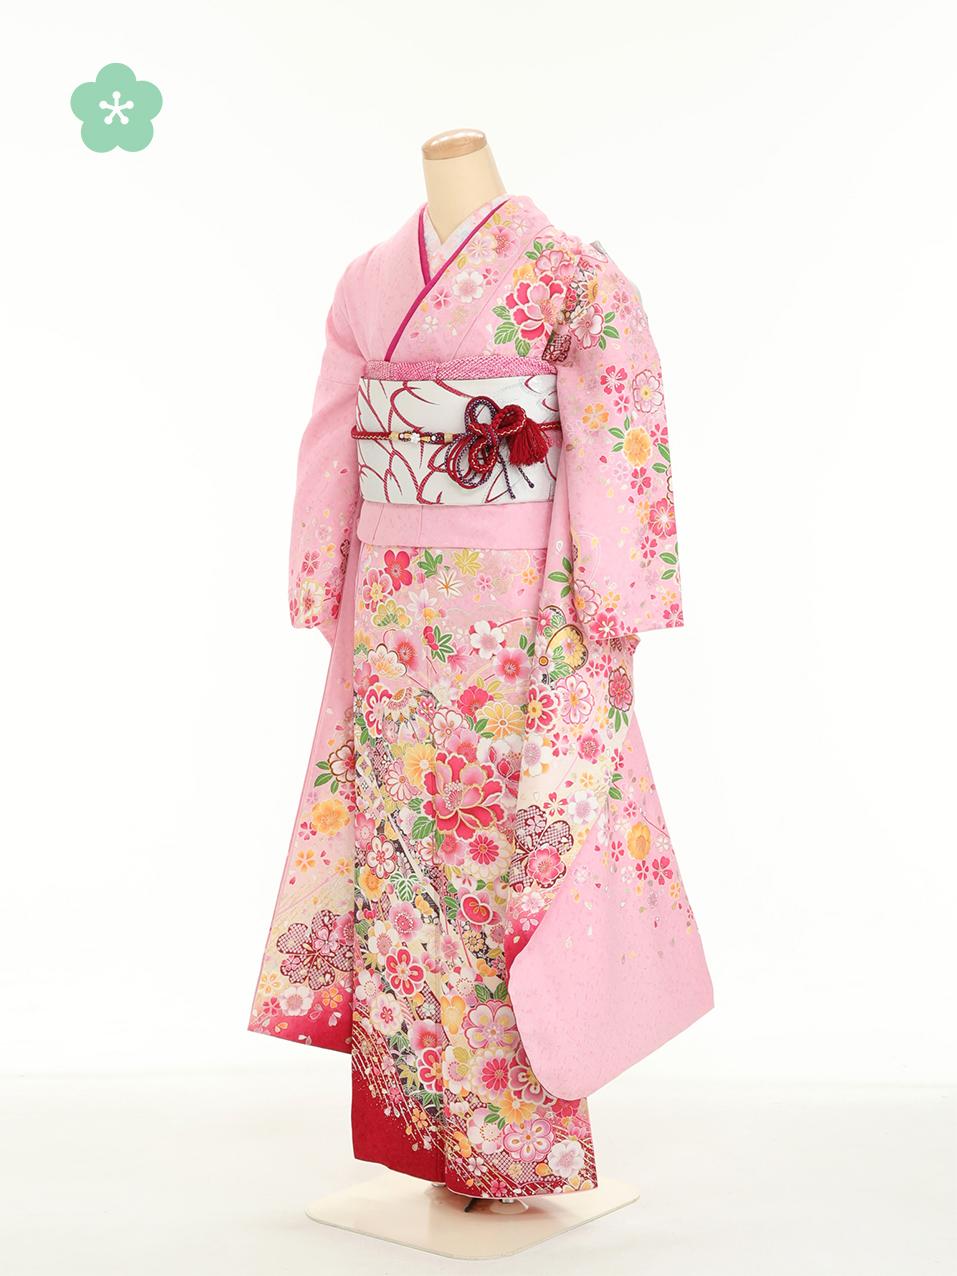 成人式衣裳1 おでかけOK!